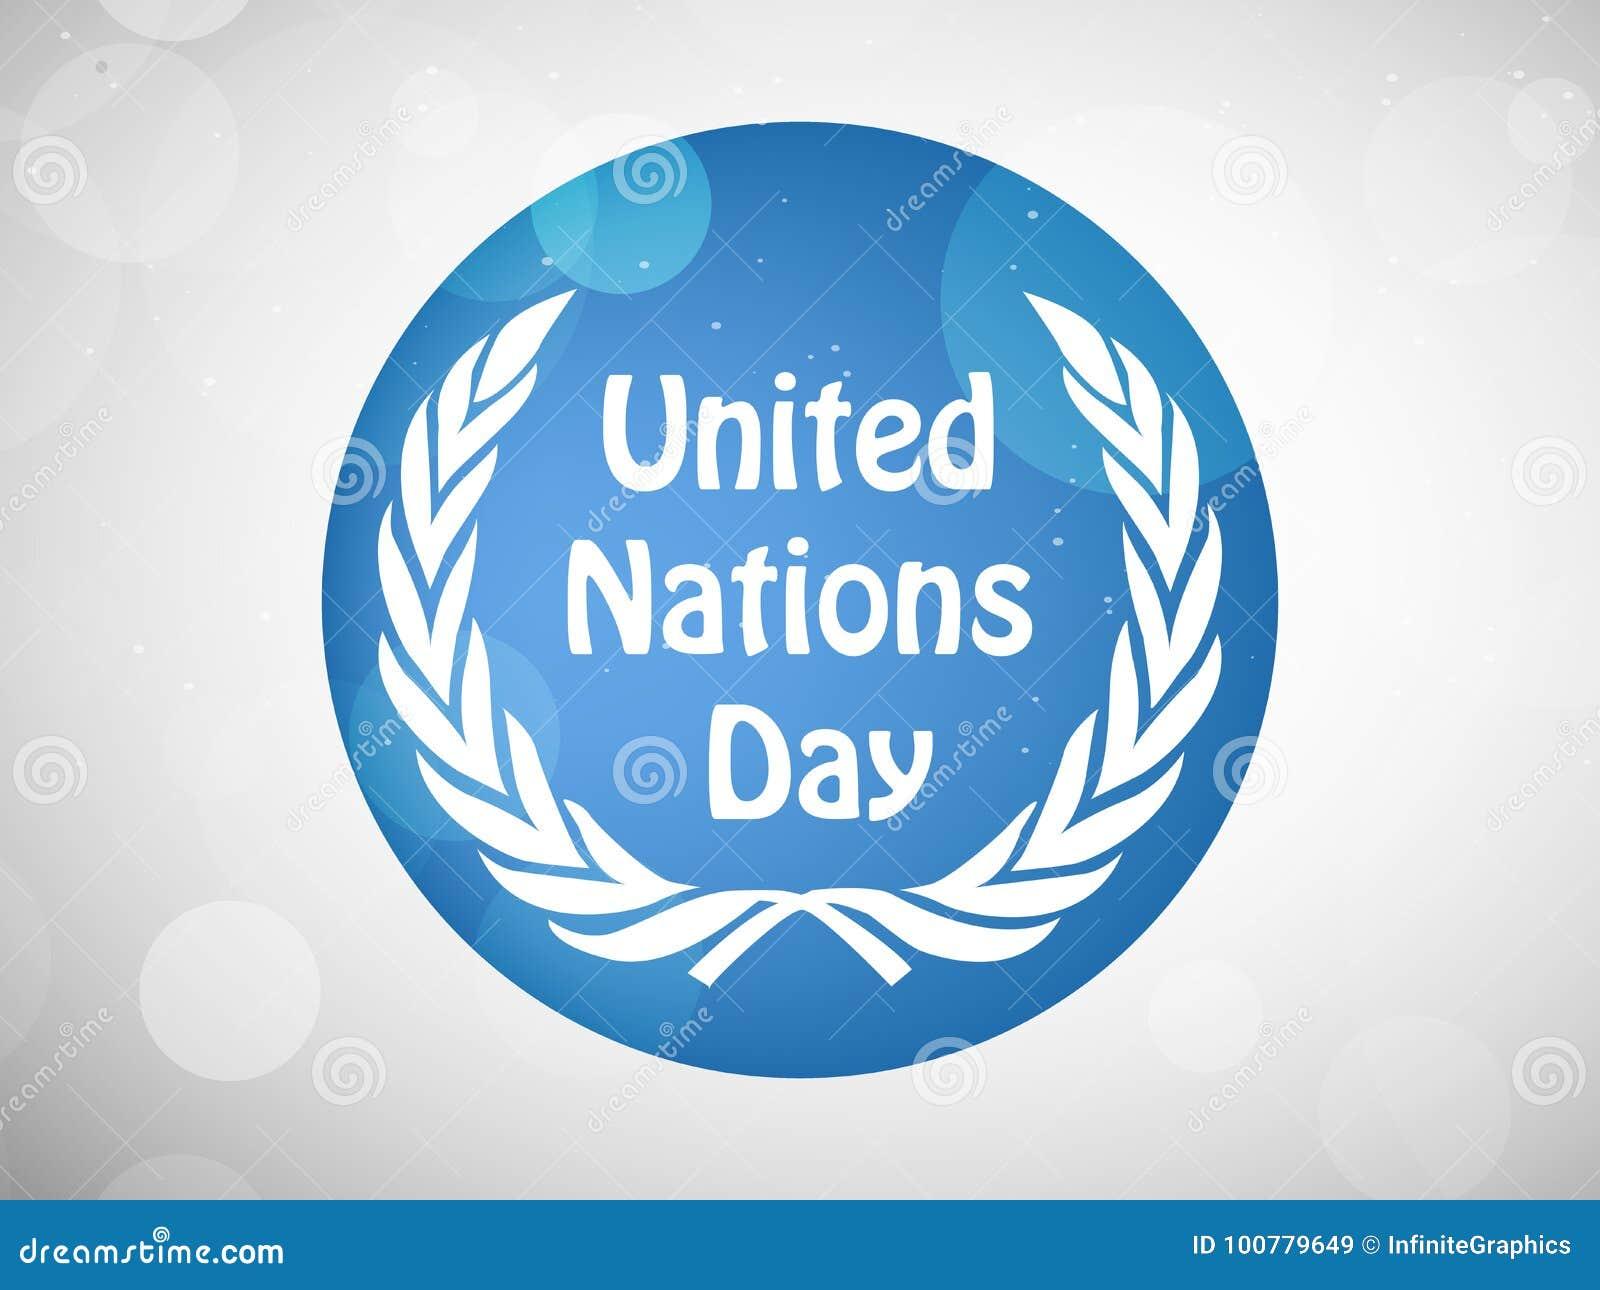 Ilustracja Narody Zjednoczone dnia tło